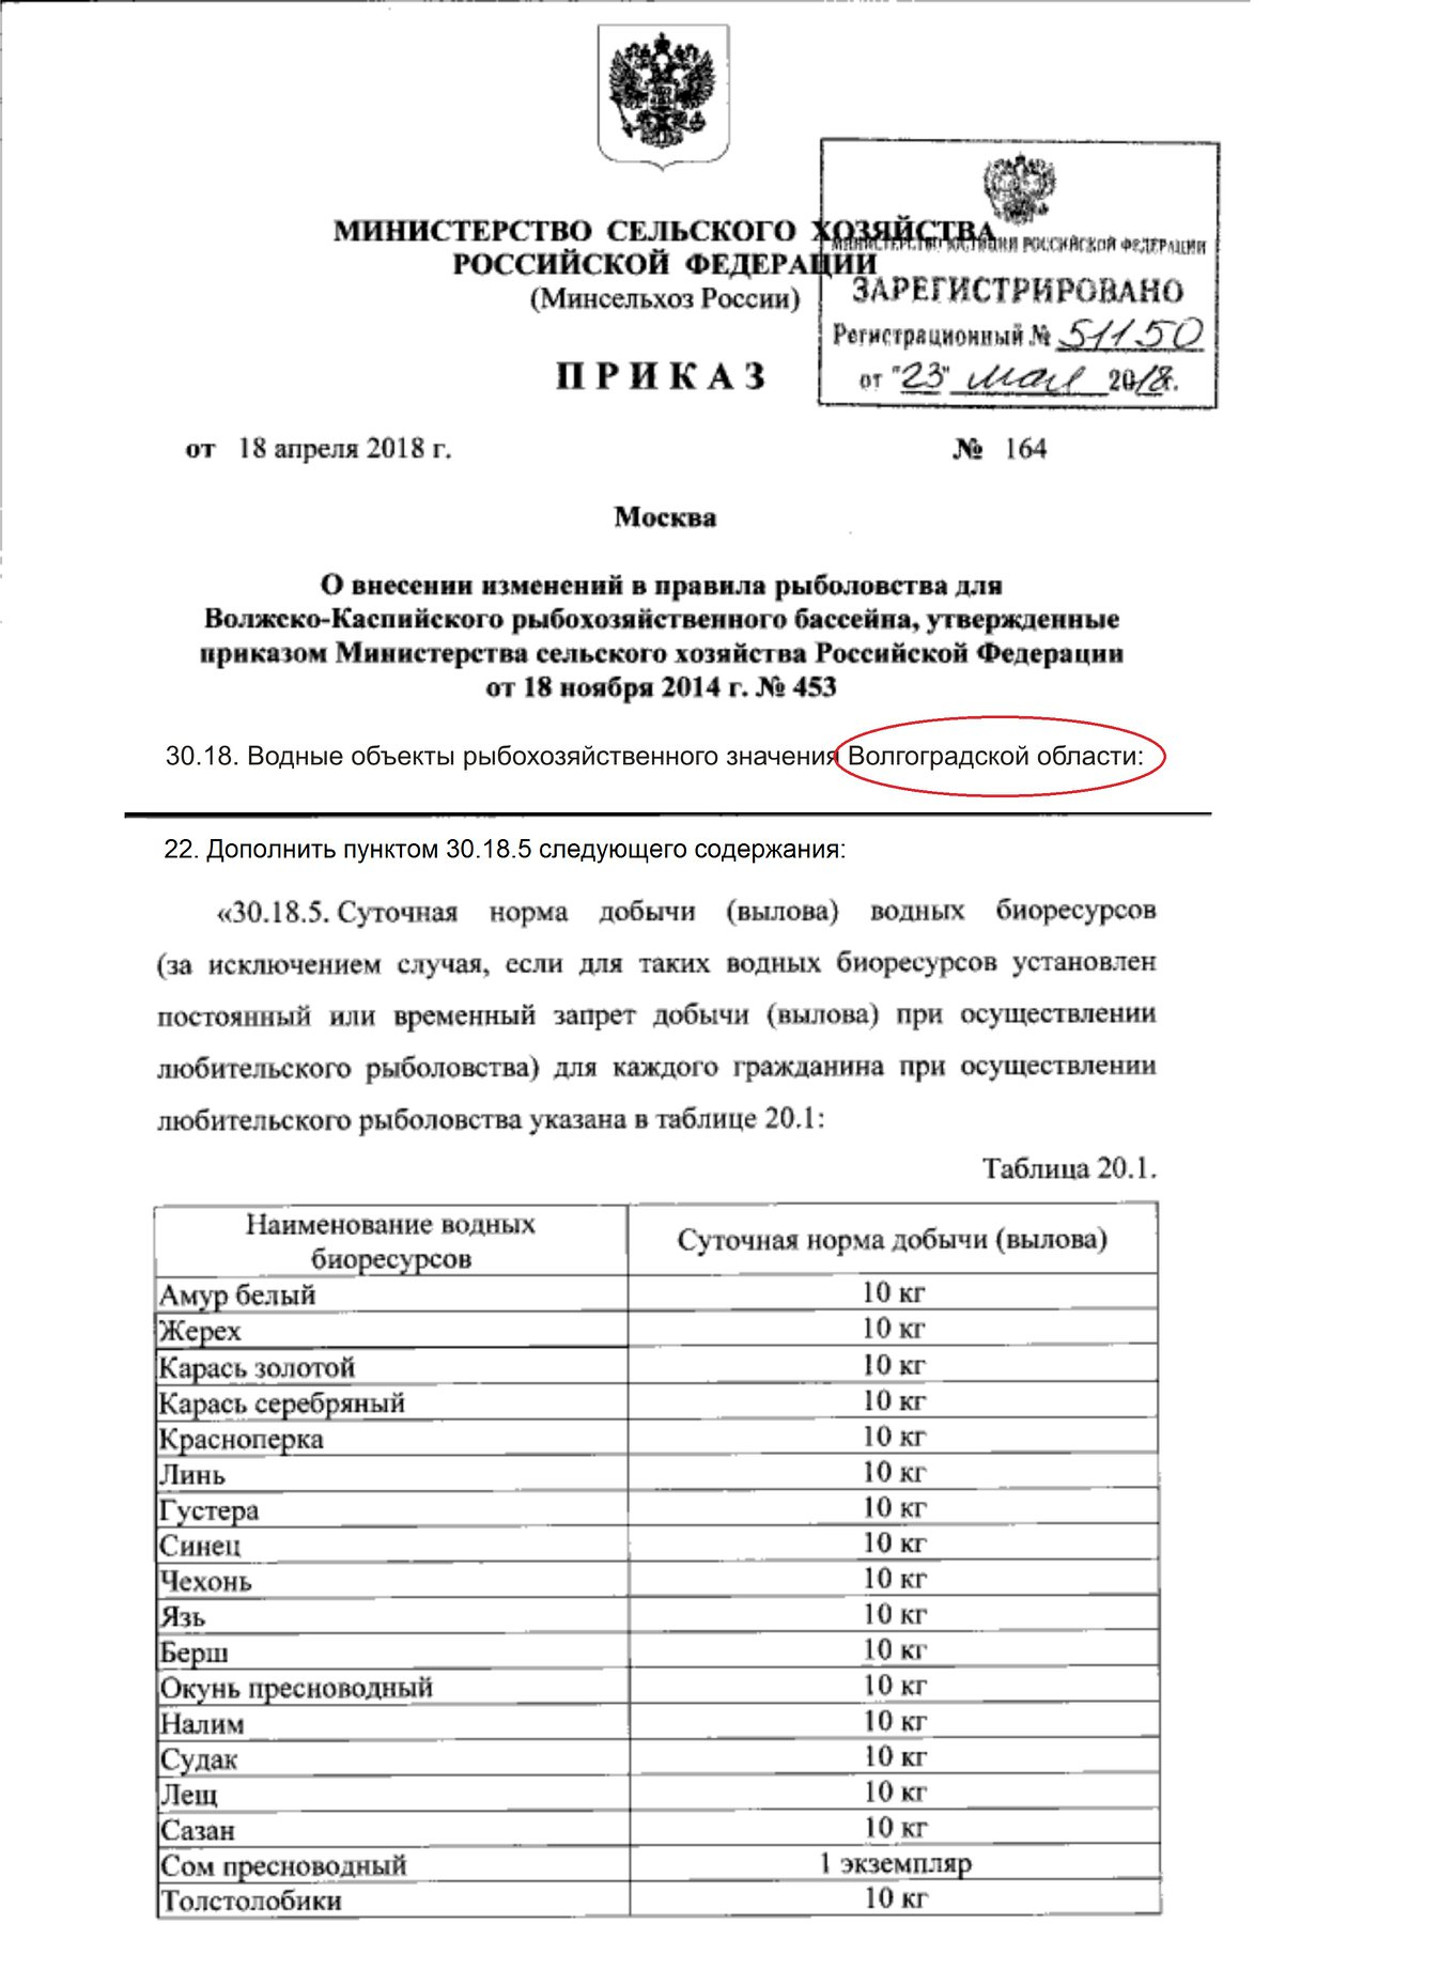 Суточная норма вылова по Волгоградской области (10 кг)